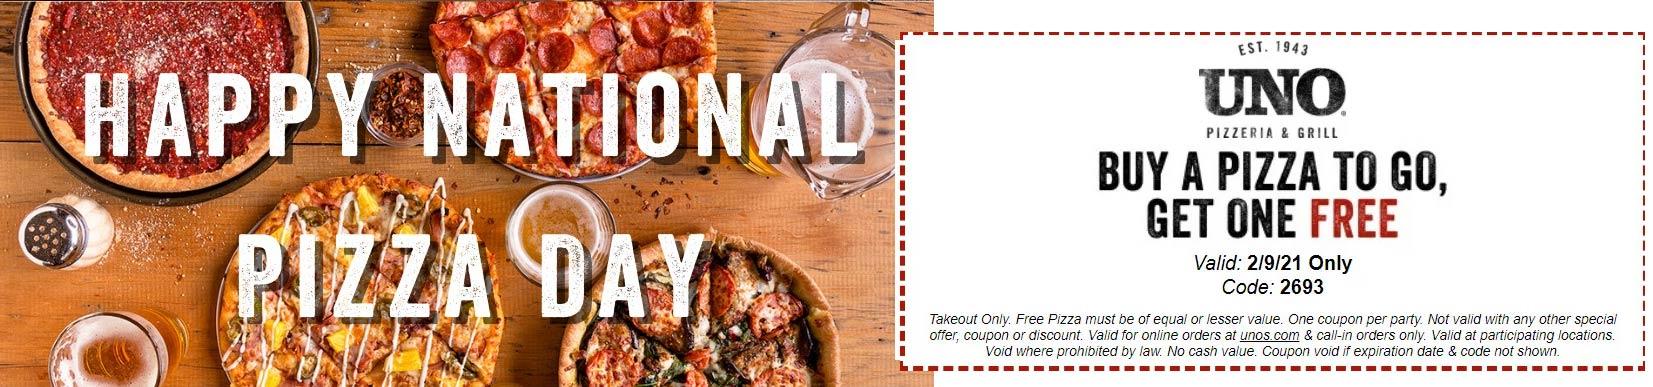 Uno Pizzeria restaurants Coupon  Second pizza free today at Uno Pizzeria & Grill via promo code 2693 #unopizzeria